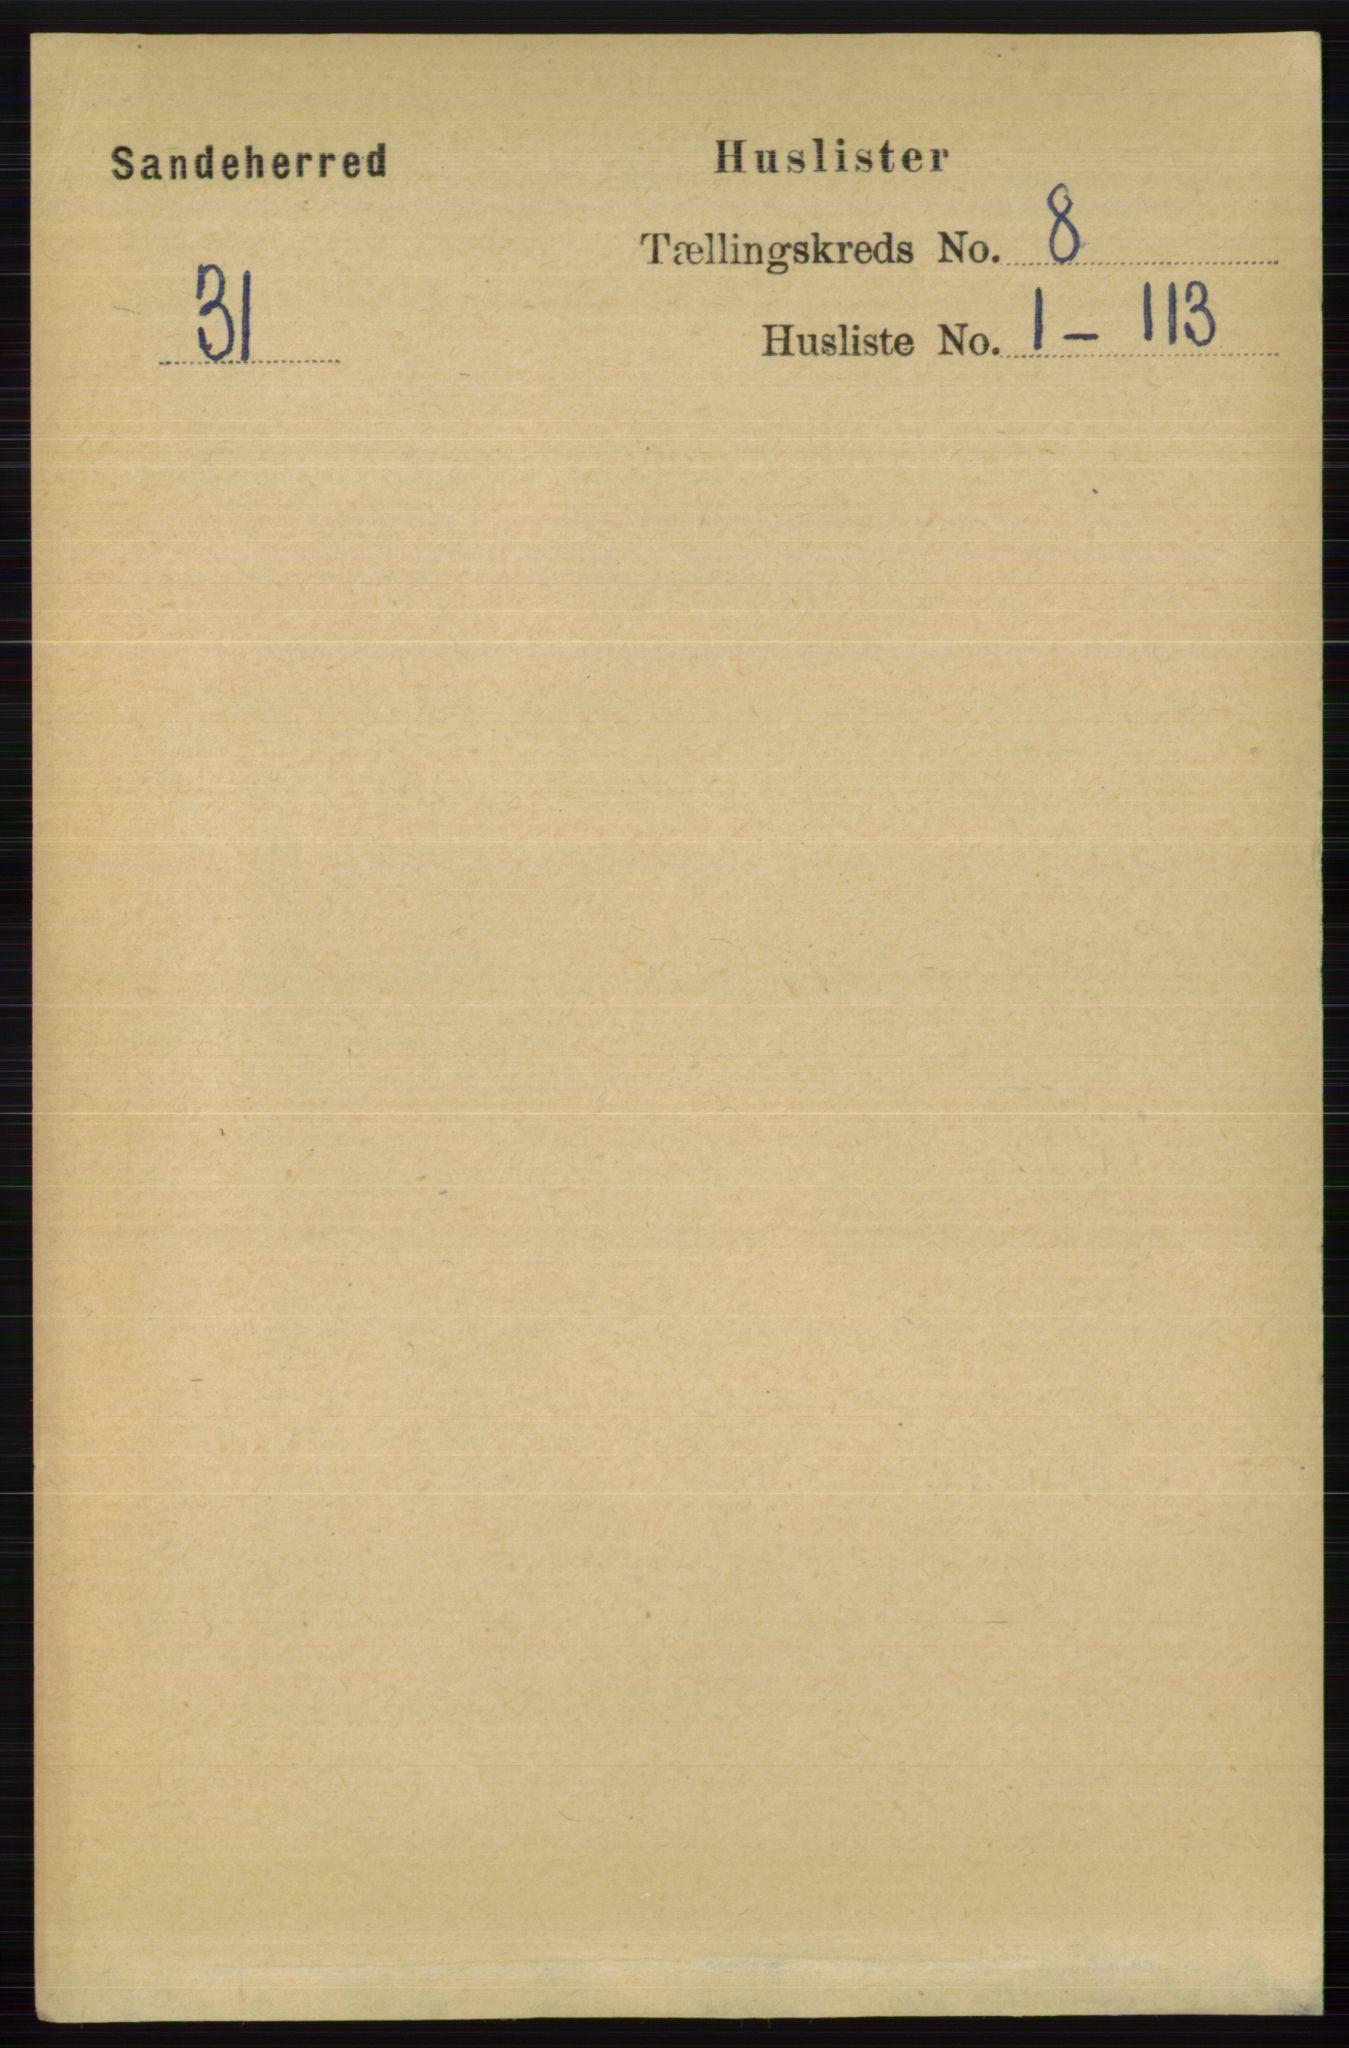 RA, Folketelling 1891 for 0724 Sandeherred herred, 1891, s. 4712